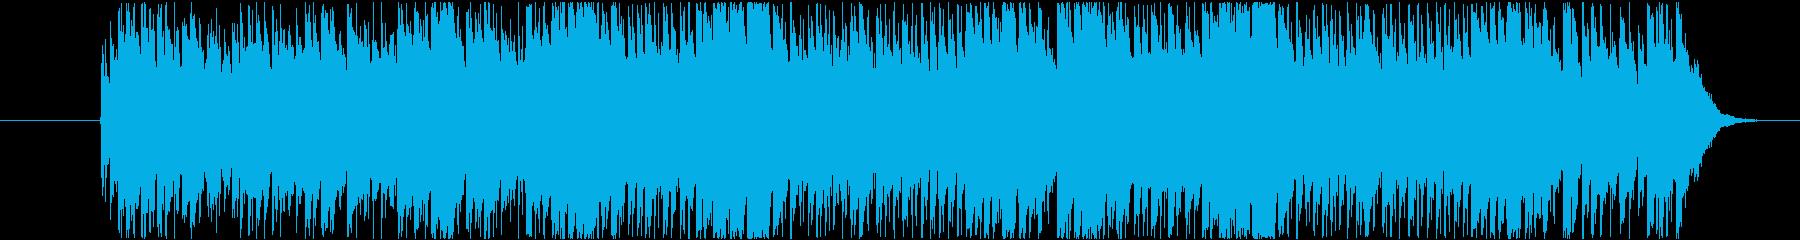 (ジリリリ)目覚まし時計のベルの再生済みの波形